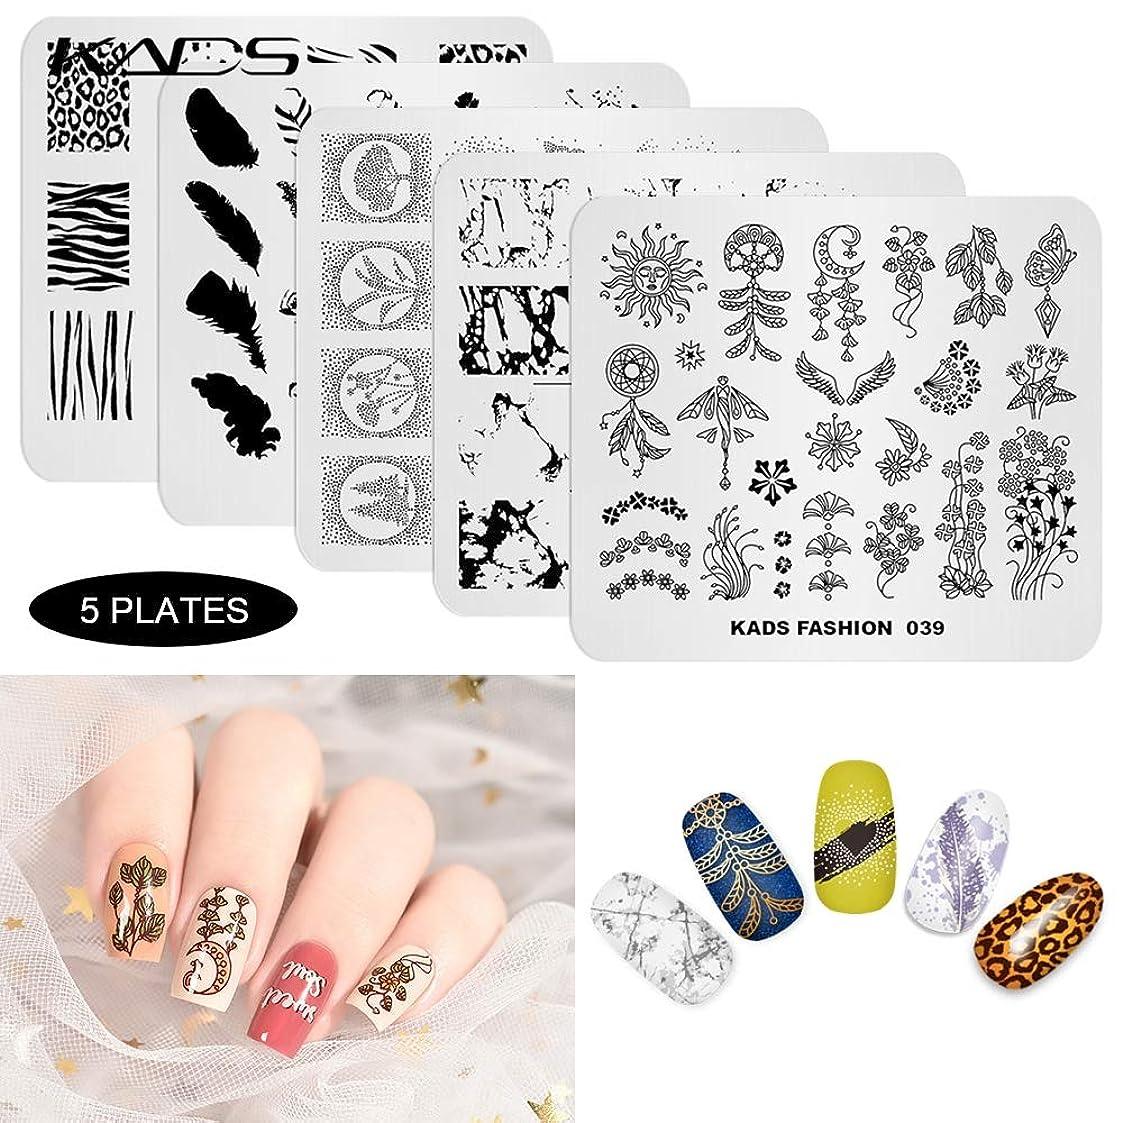 KADS スタンプネイルプレートセット 5枚入り 花模様 羽毛 蝶 ファッションスタイル スタンピングネイルアートツール (セット5)